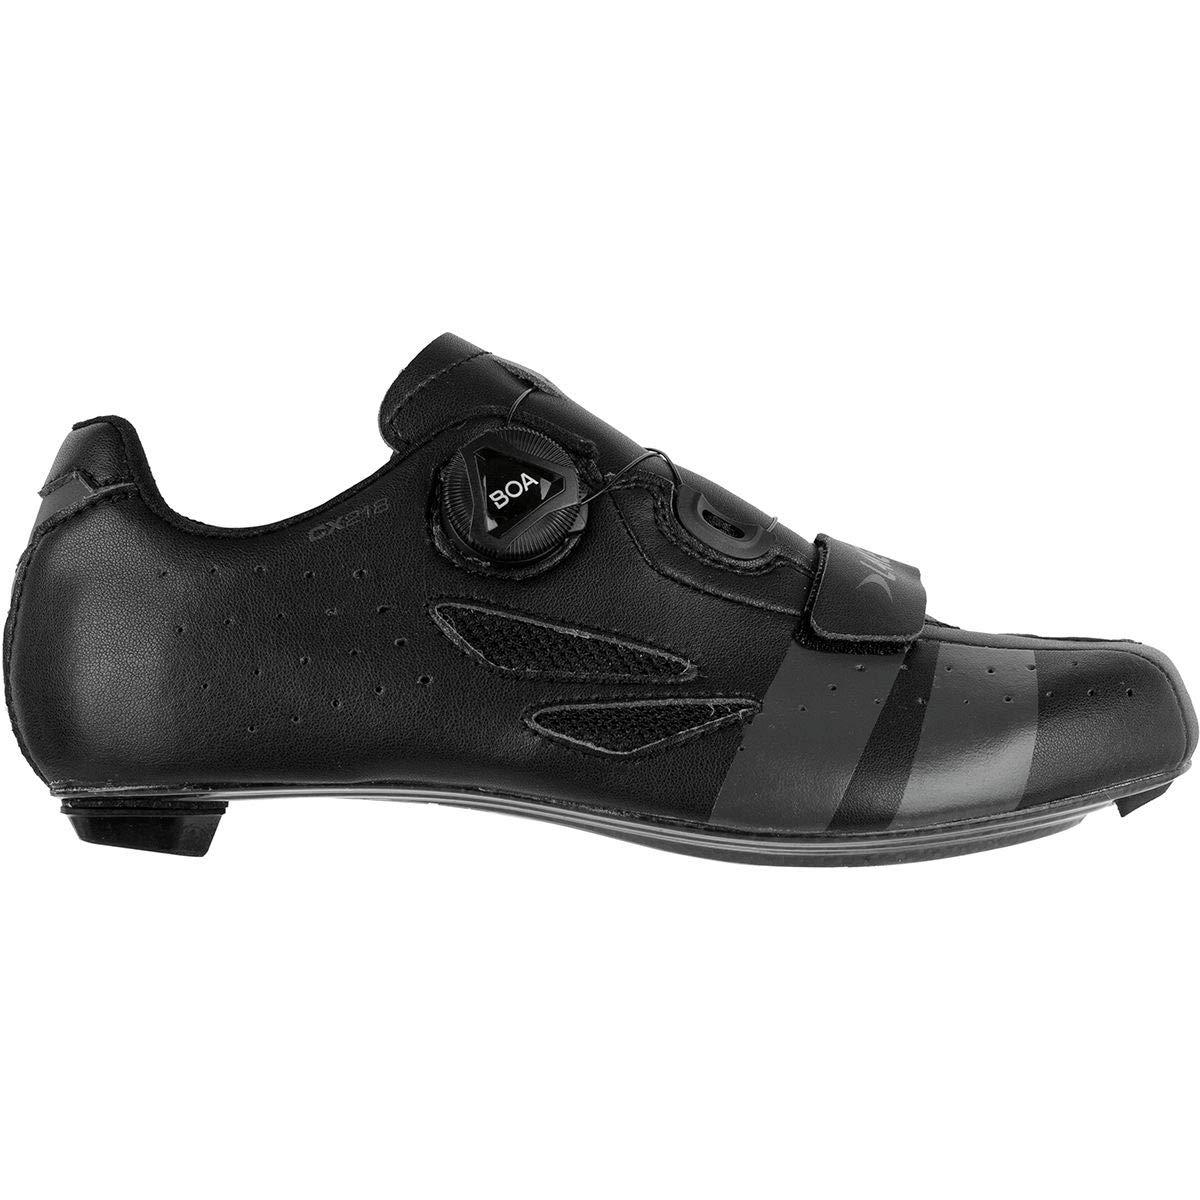 Lake CX218 サイクリングシューズ メンズ ブラック/グレー 48.0   B07PMD4THP